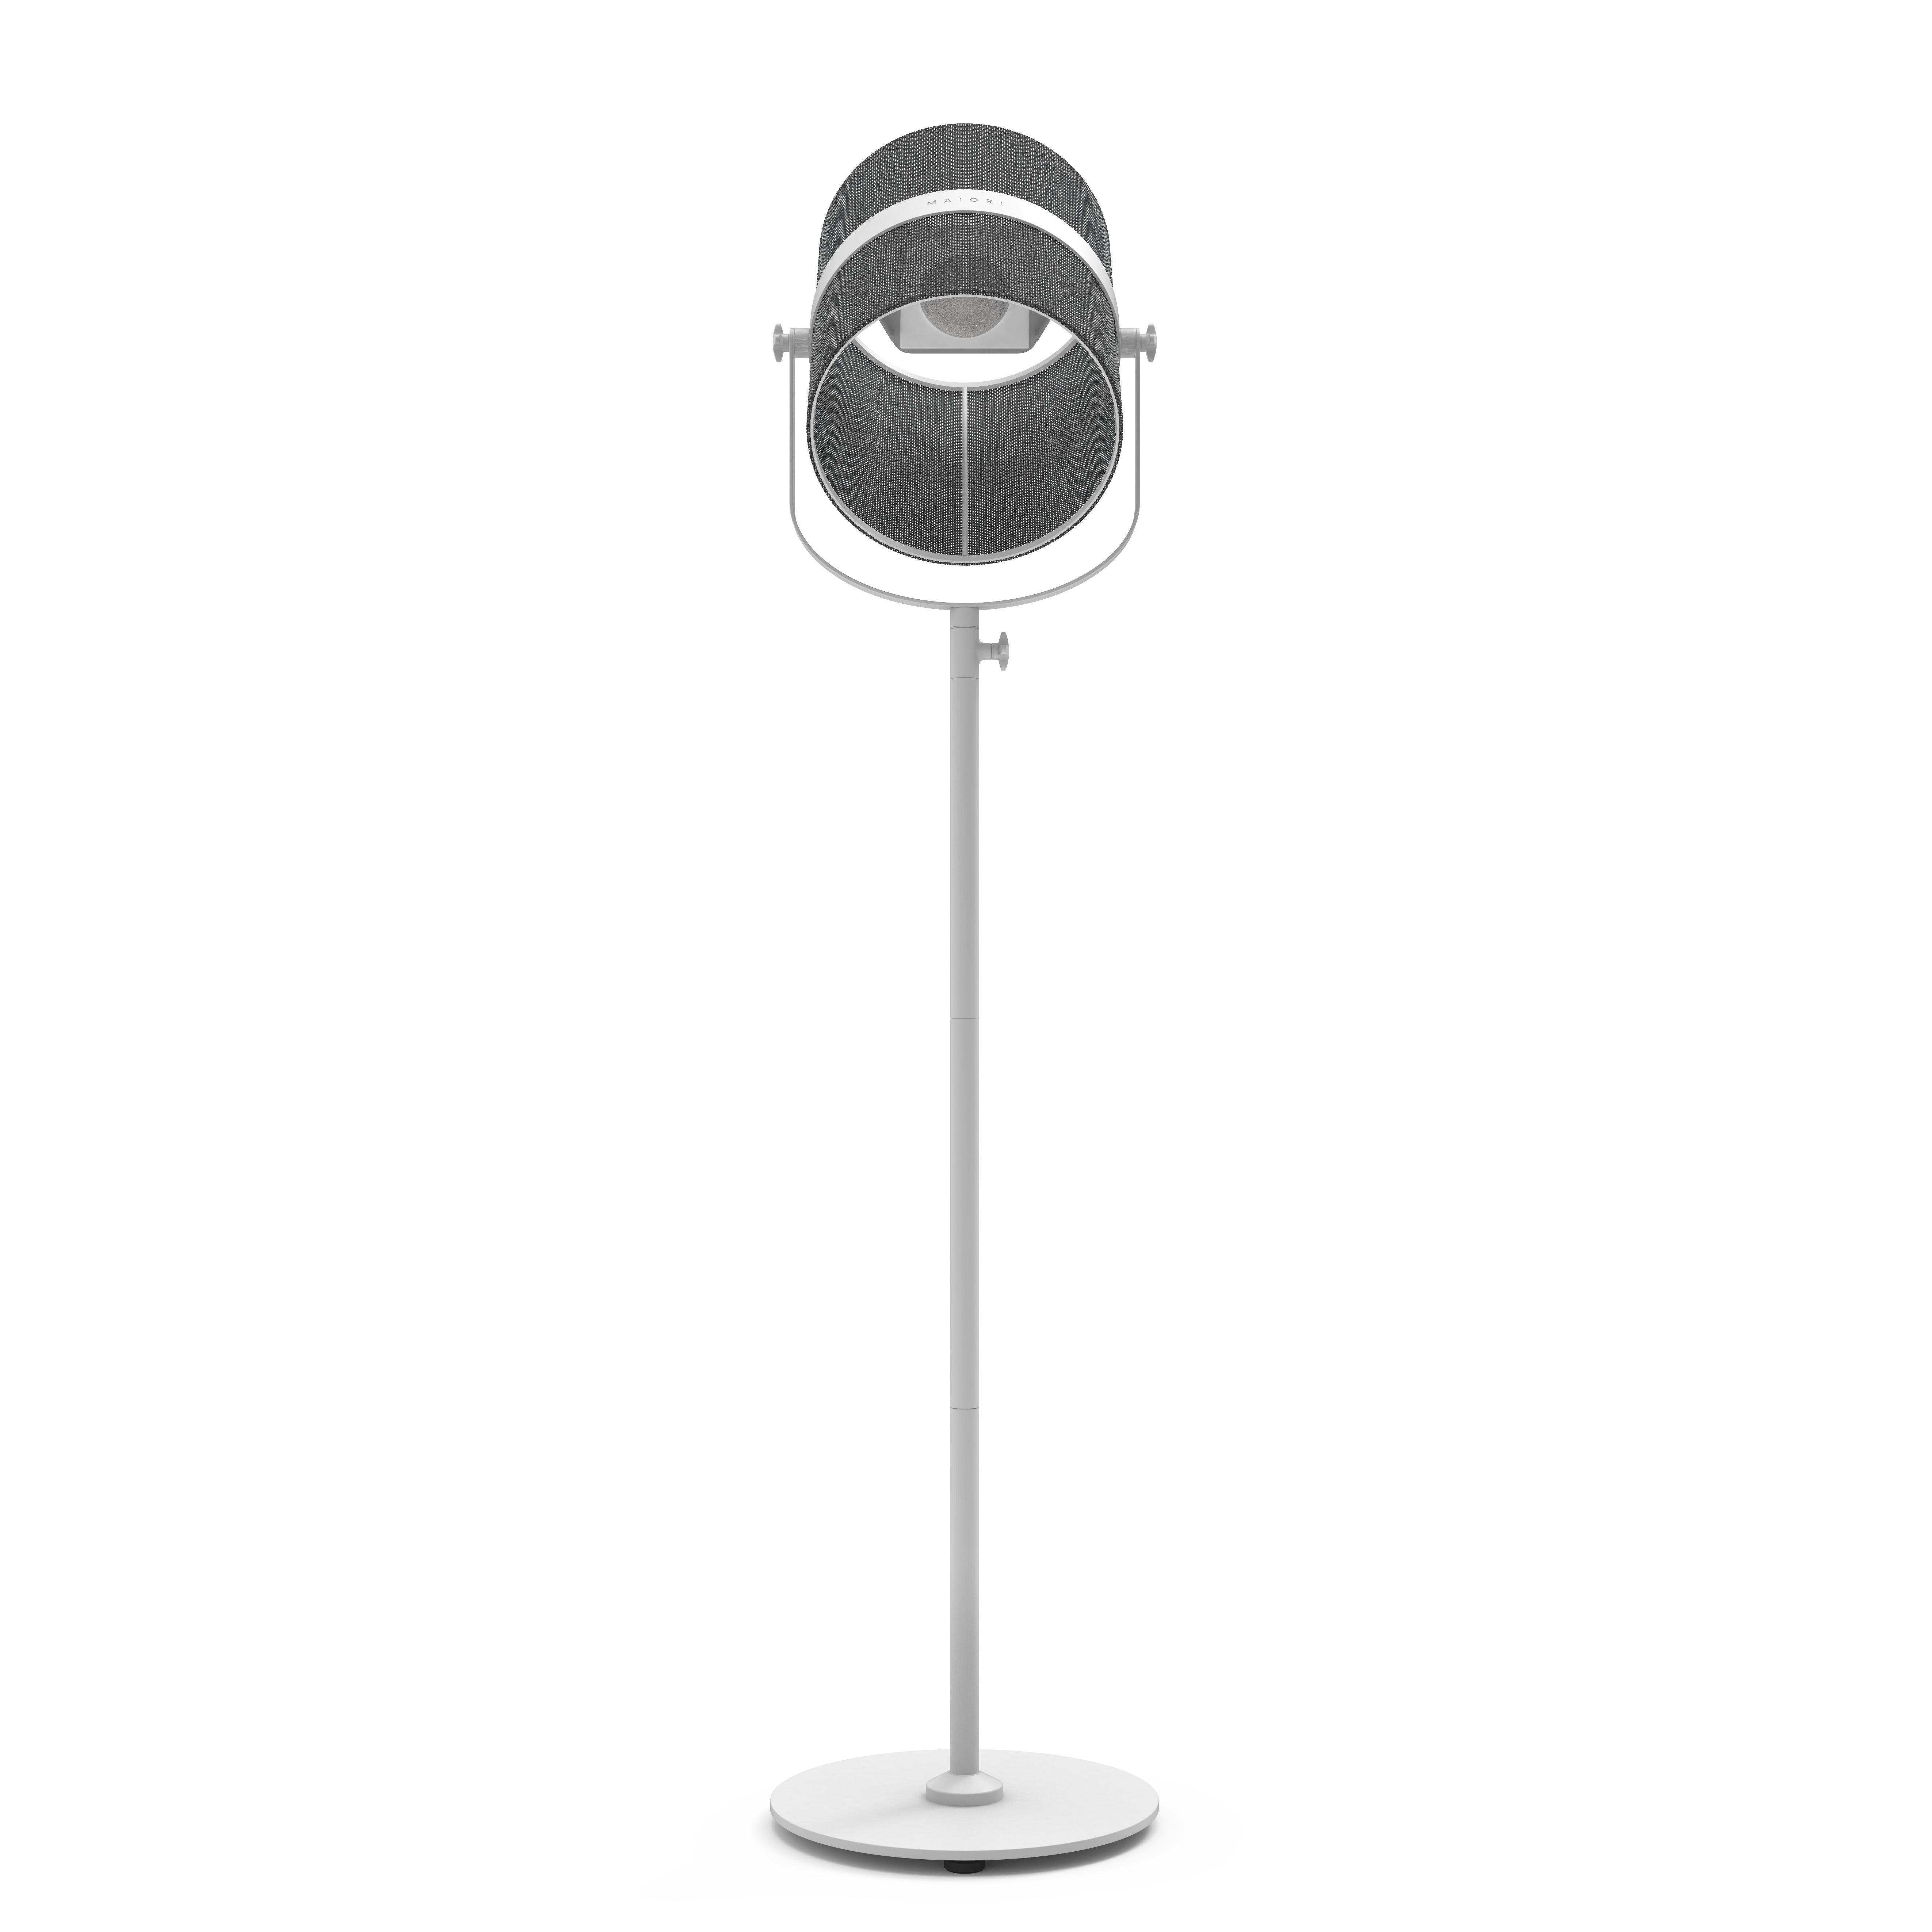 Leuchten - Stehleuchten - La Lampe Paris LED Solarleuchte / kabellos - Maiori - Schwarz / Ständer weiß - bemaltes Aluminium, Gewebe